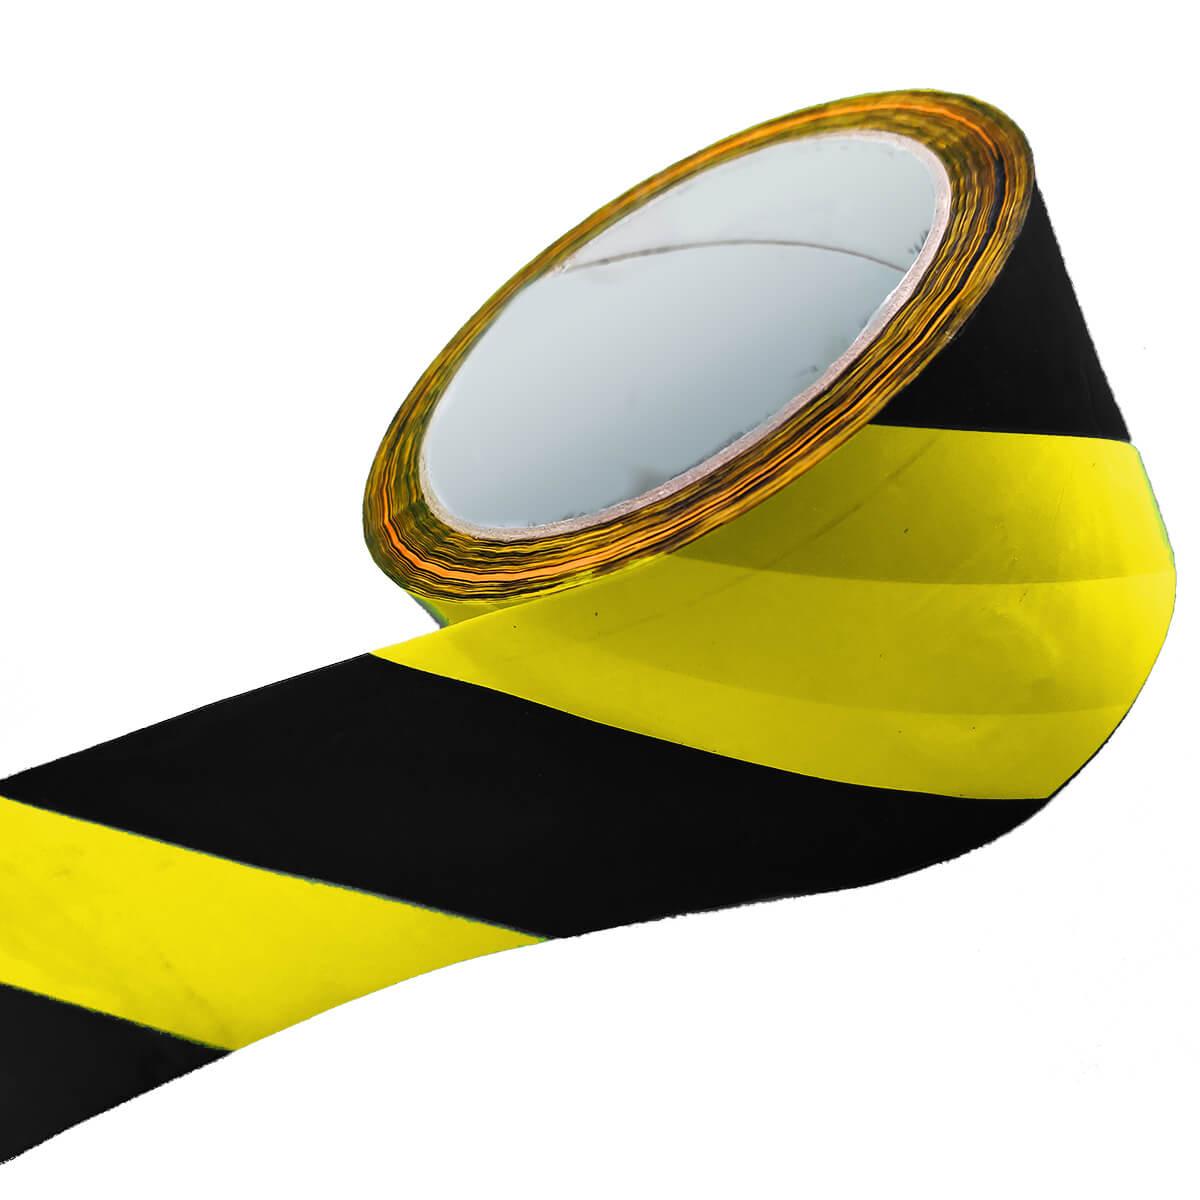 Fita Zebrada Sinalização Amarela e Preta 65mm x 150 Metros